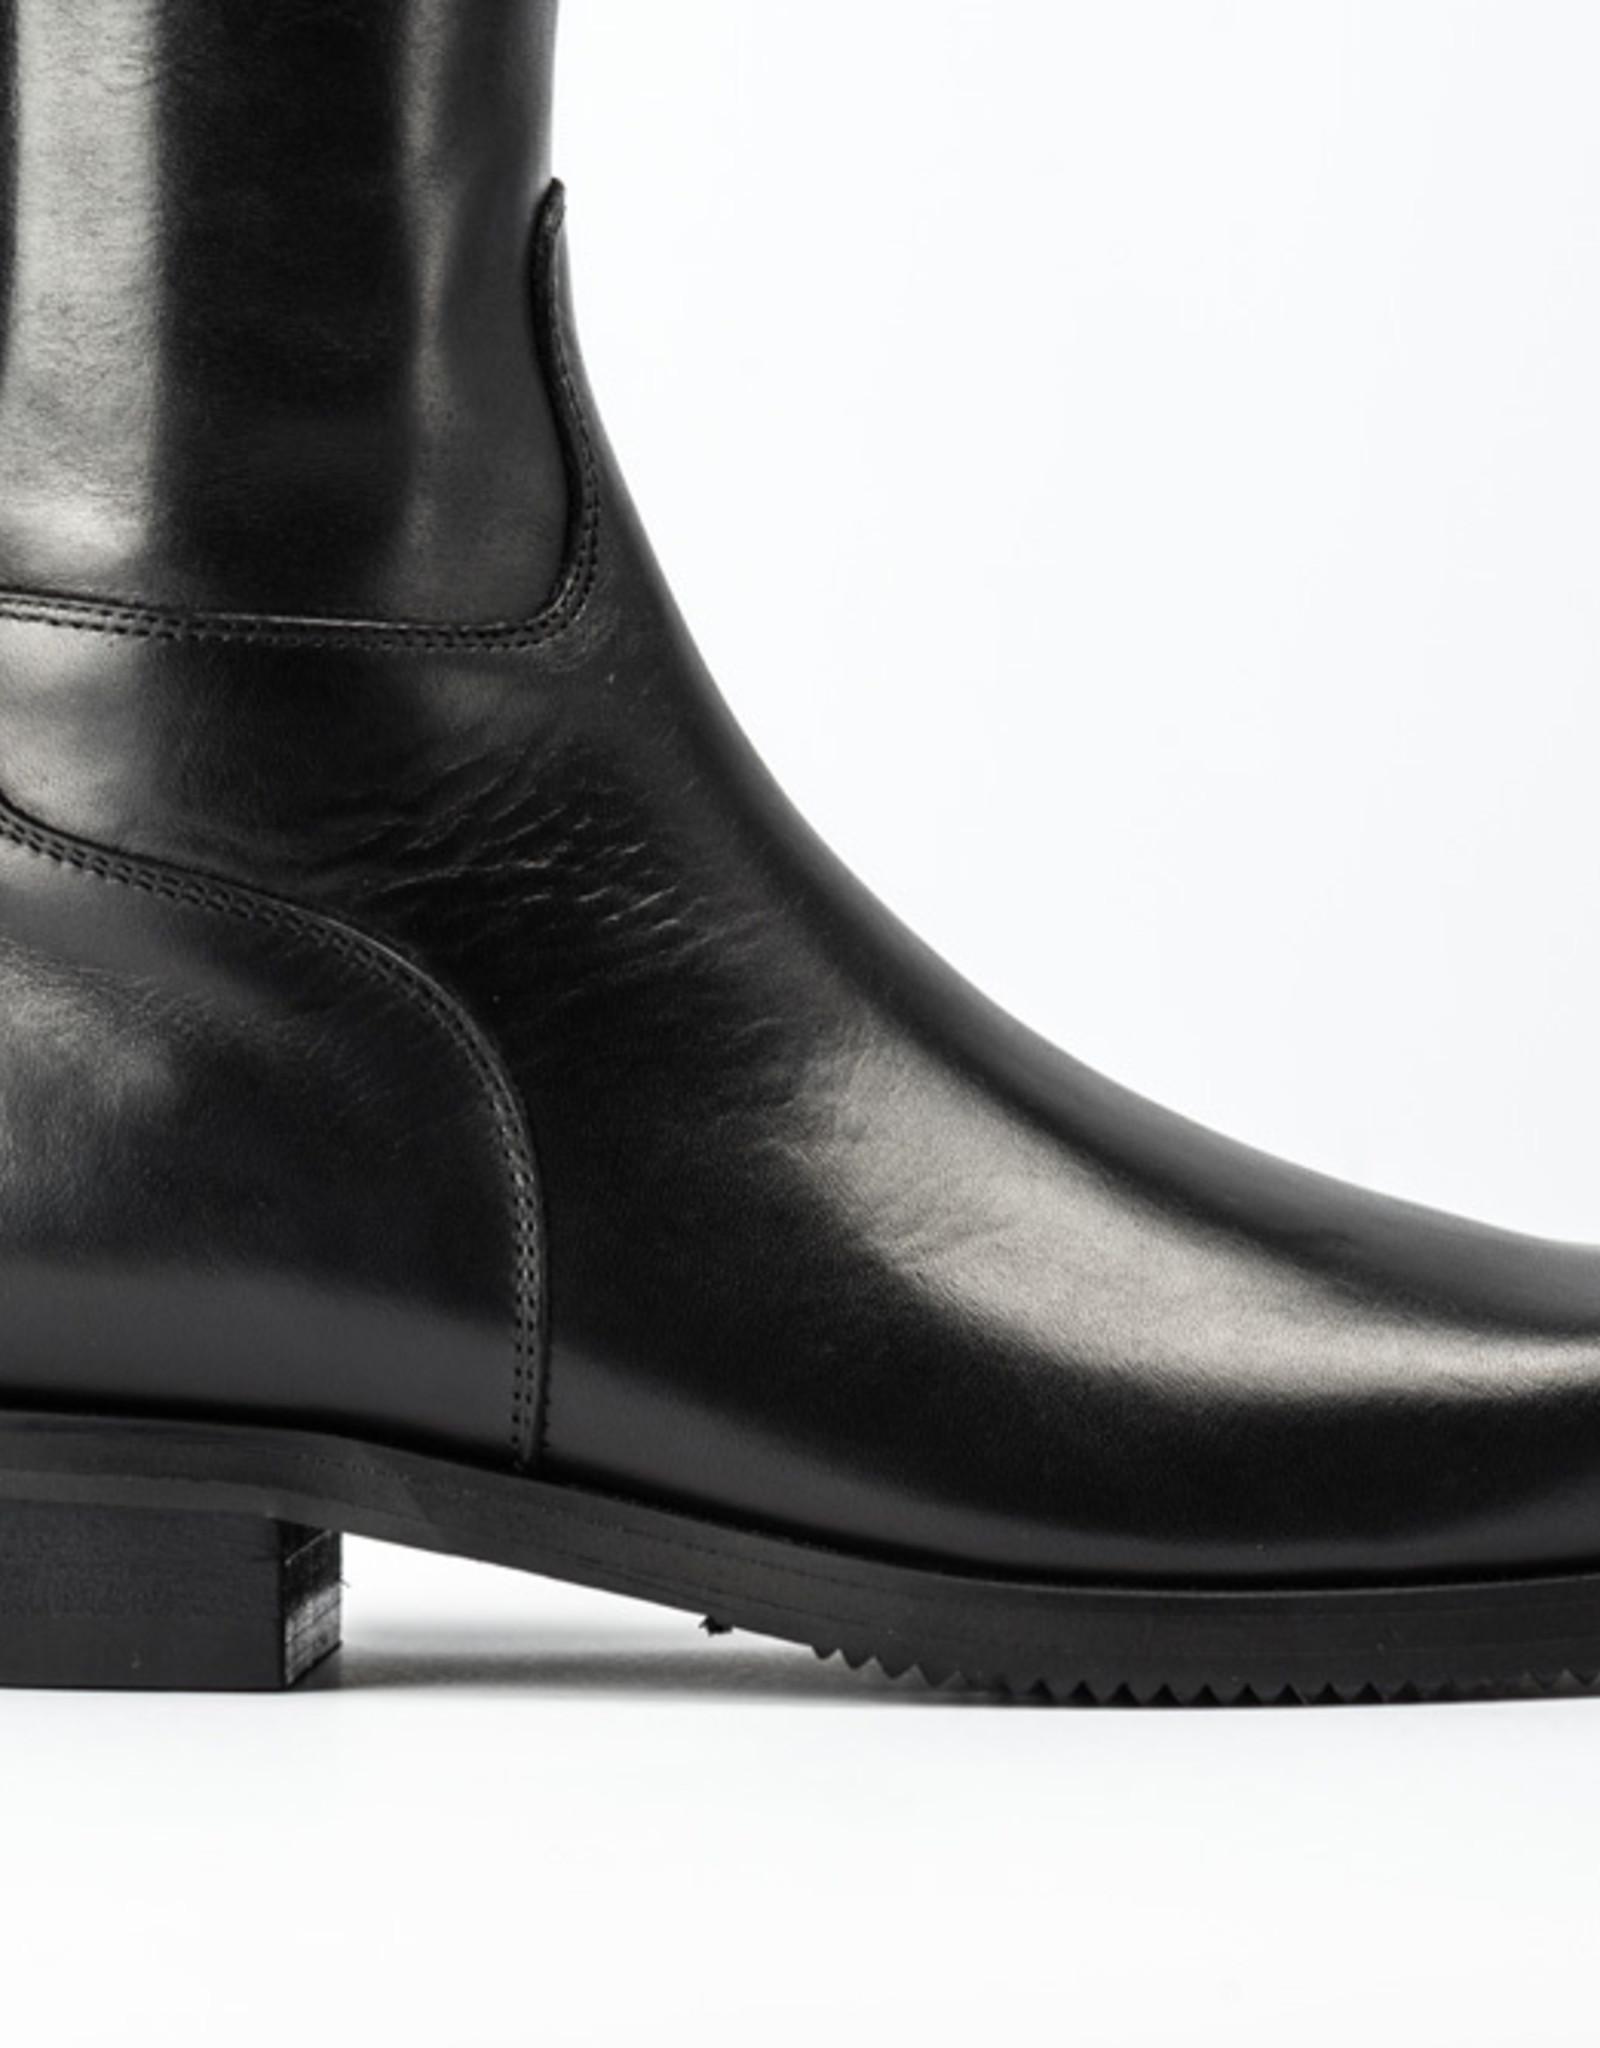 Secchiari Secchiari Traditional Dress Boot